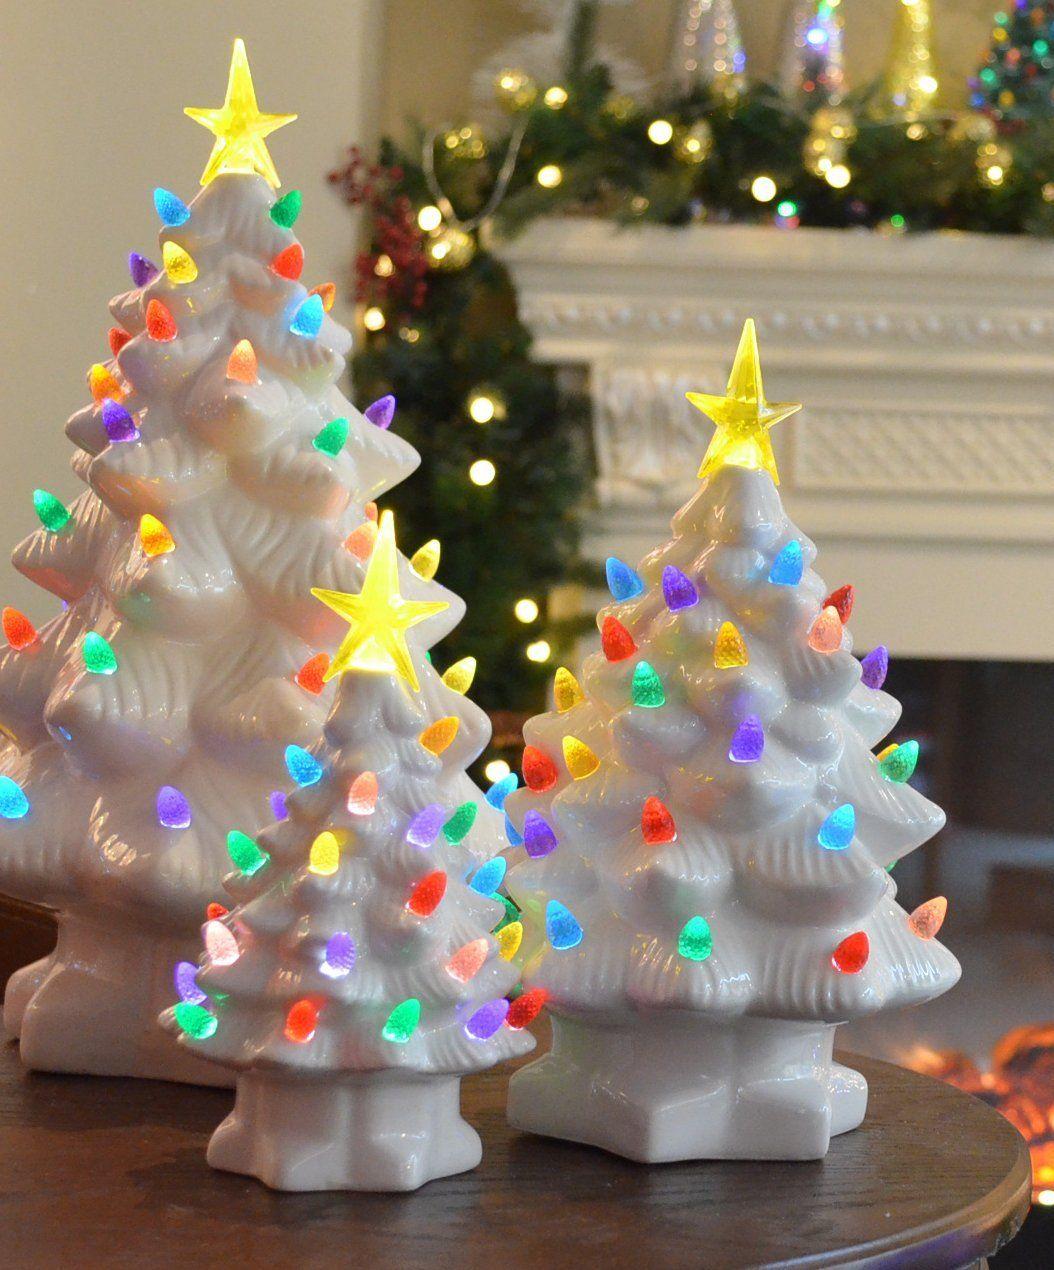 Amazon Com Mr Christmas 10 Inch Nostalgic Porcelain Led Christmas